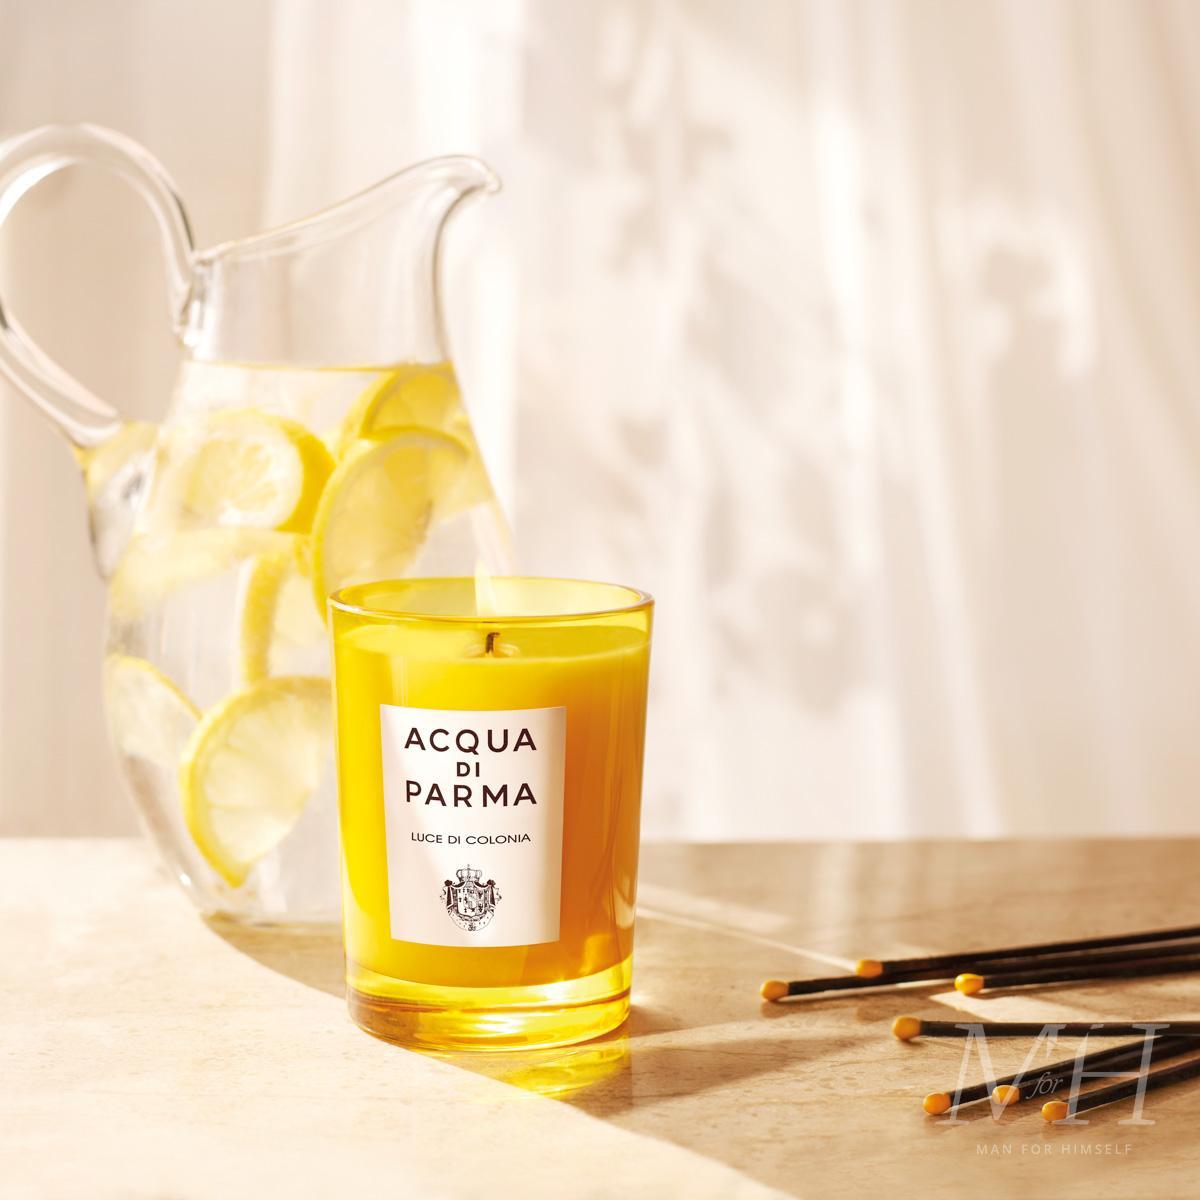 acqua-di-parma-candle-home-collection-man-for-himelf